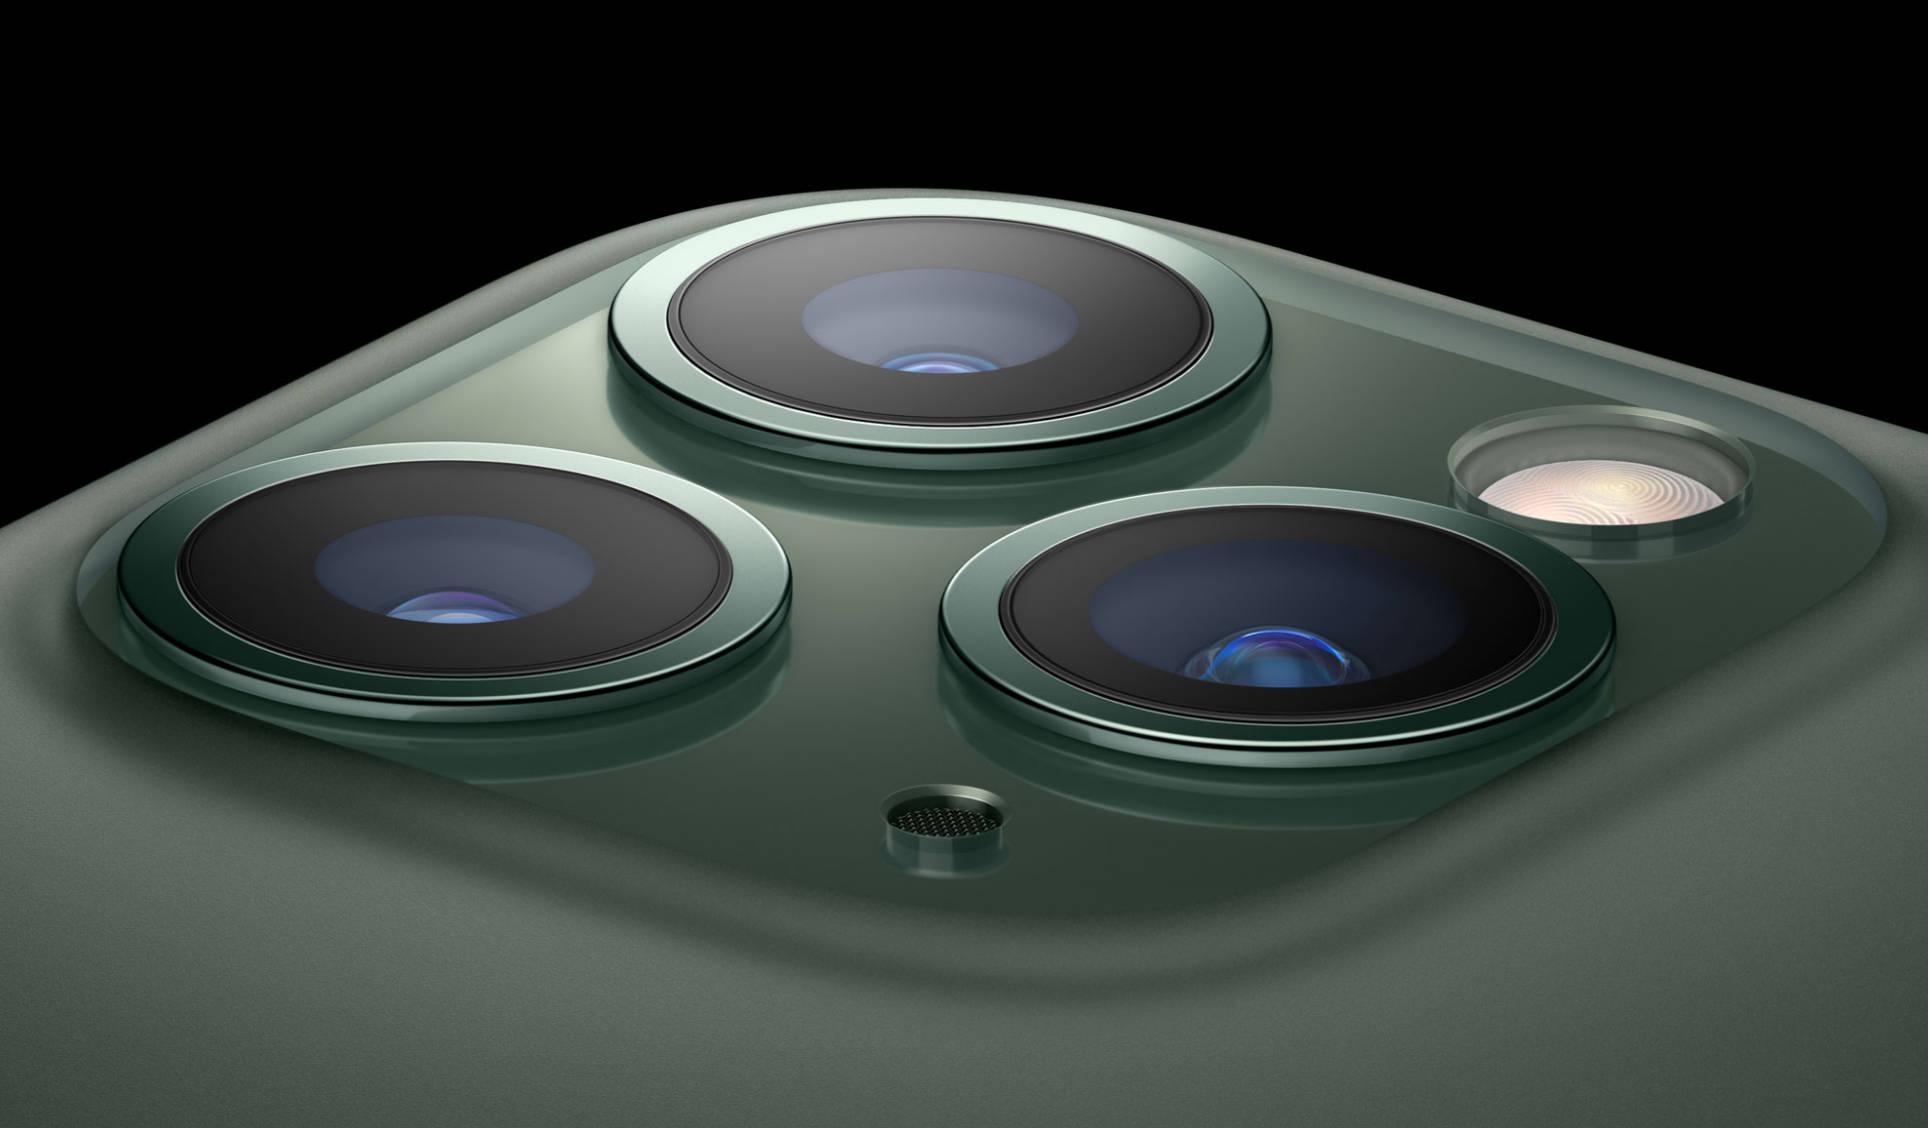 iPhone 12 cena kiedy premiera Apple 5G plotki przecieki wycieki